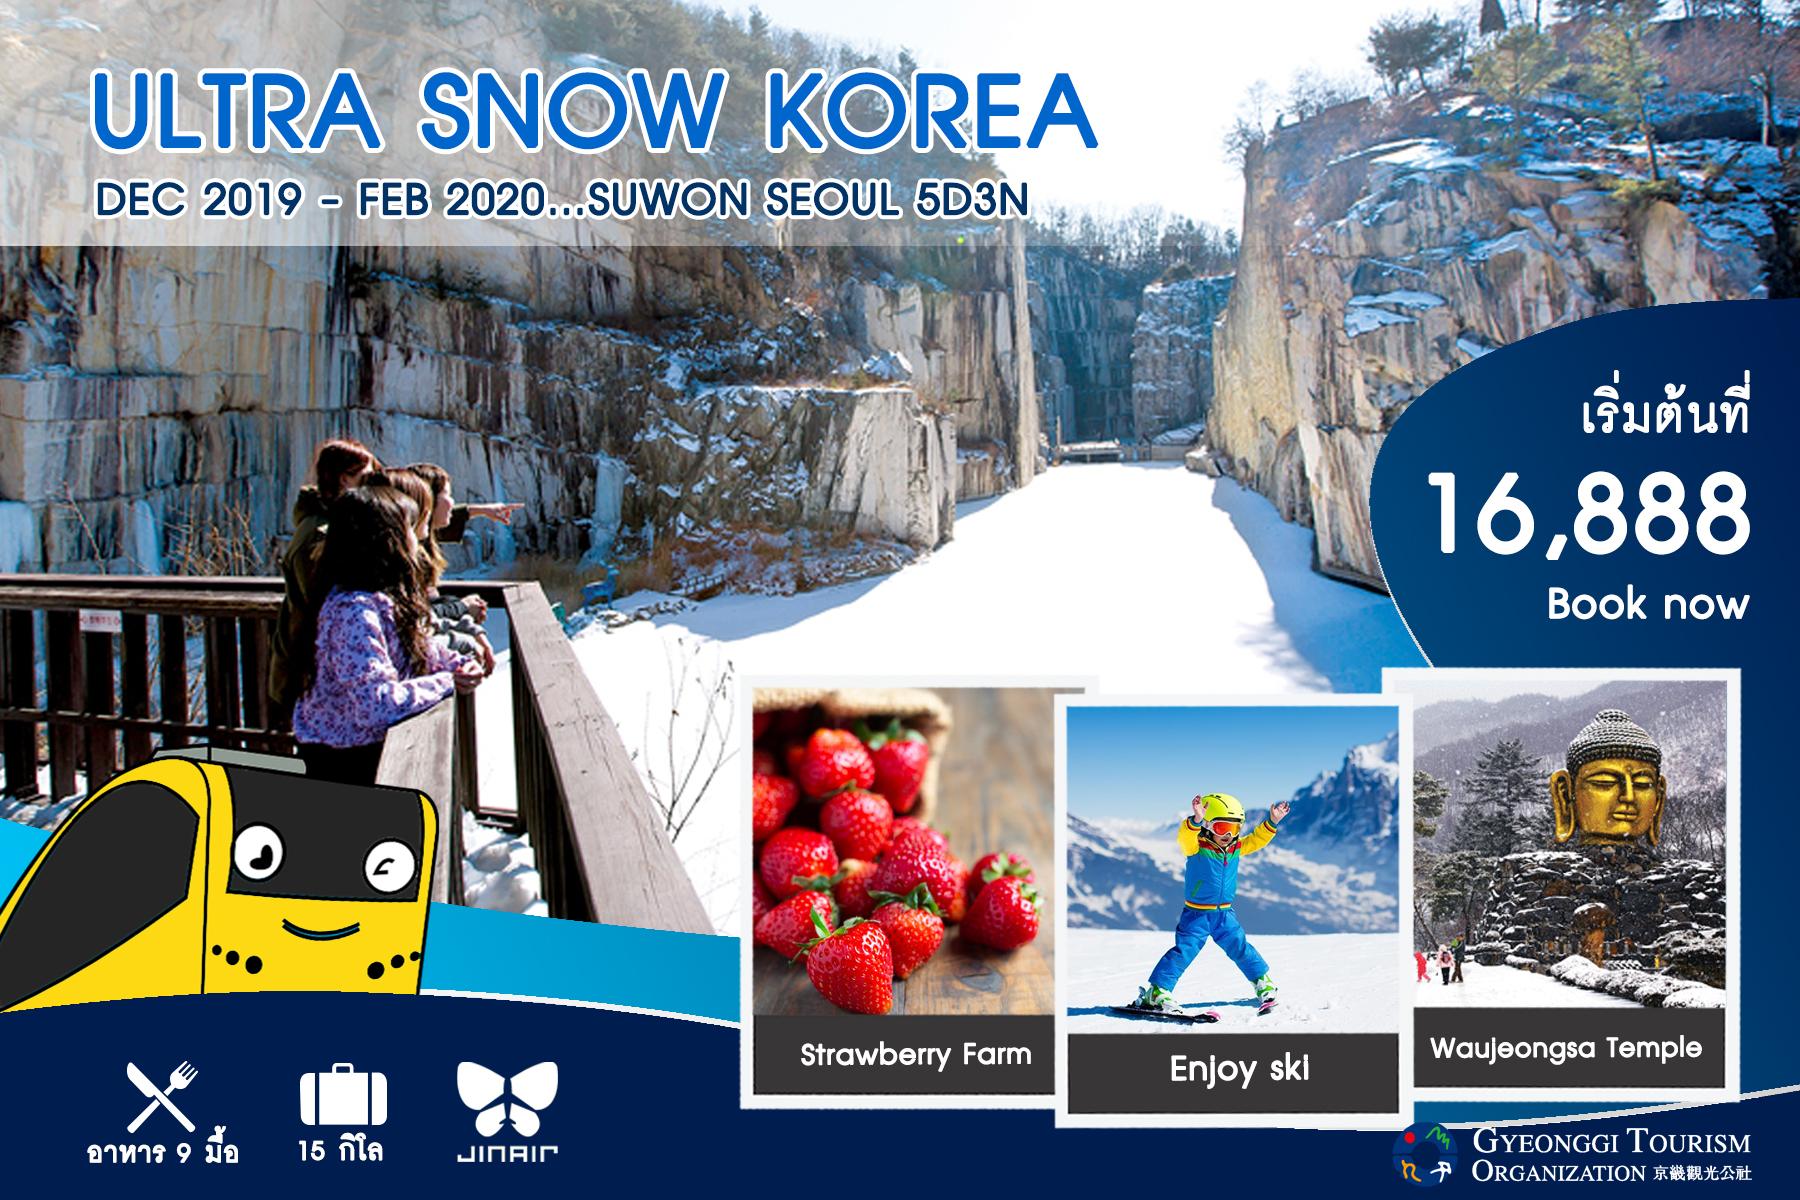 ทัวร์เกาหลี_ULTRA SNOW KOREA_DEC'19-FEB'20_MM